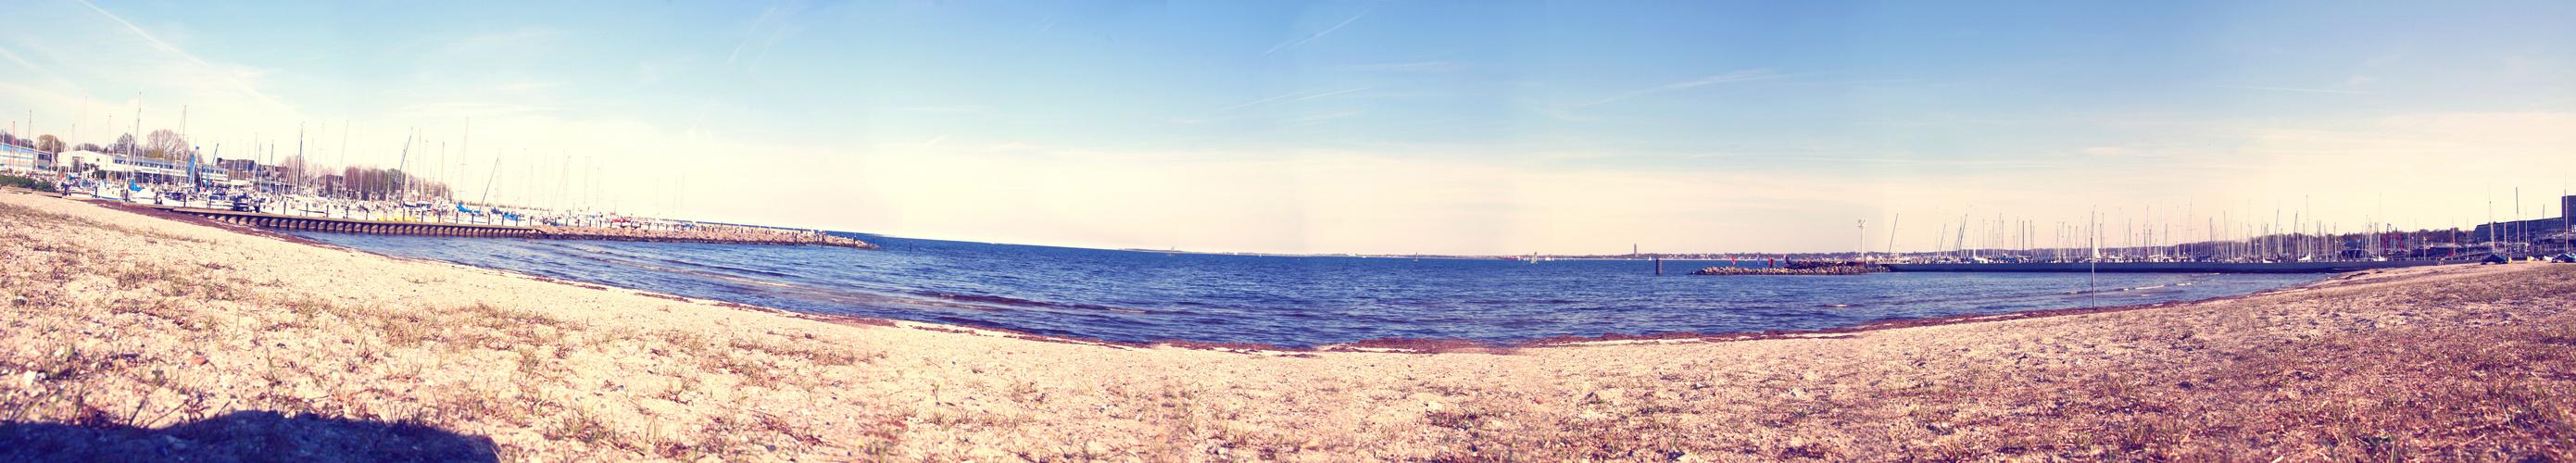 Strande vor dem Tauchgang